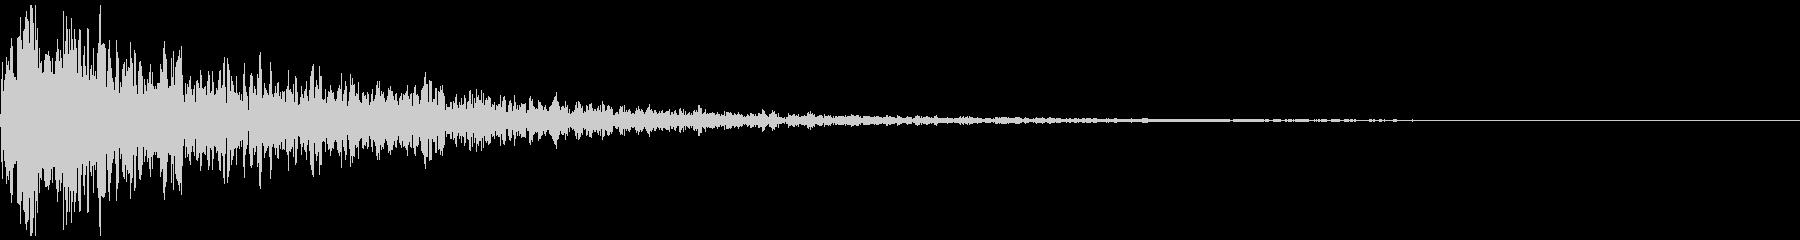 シネマティックインパクトFX・衝撃03の未再生の波形